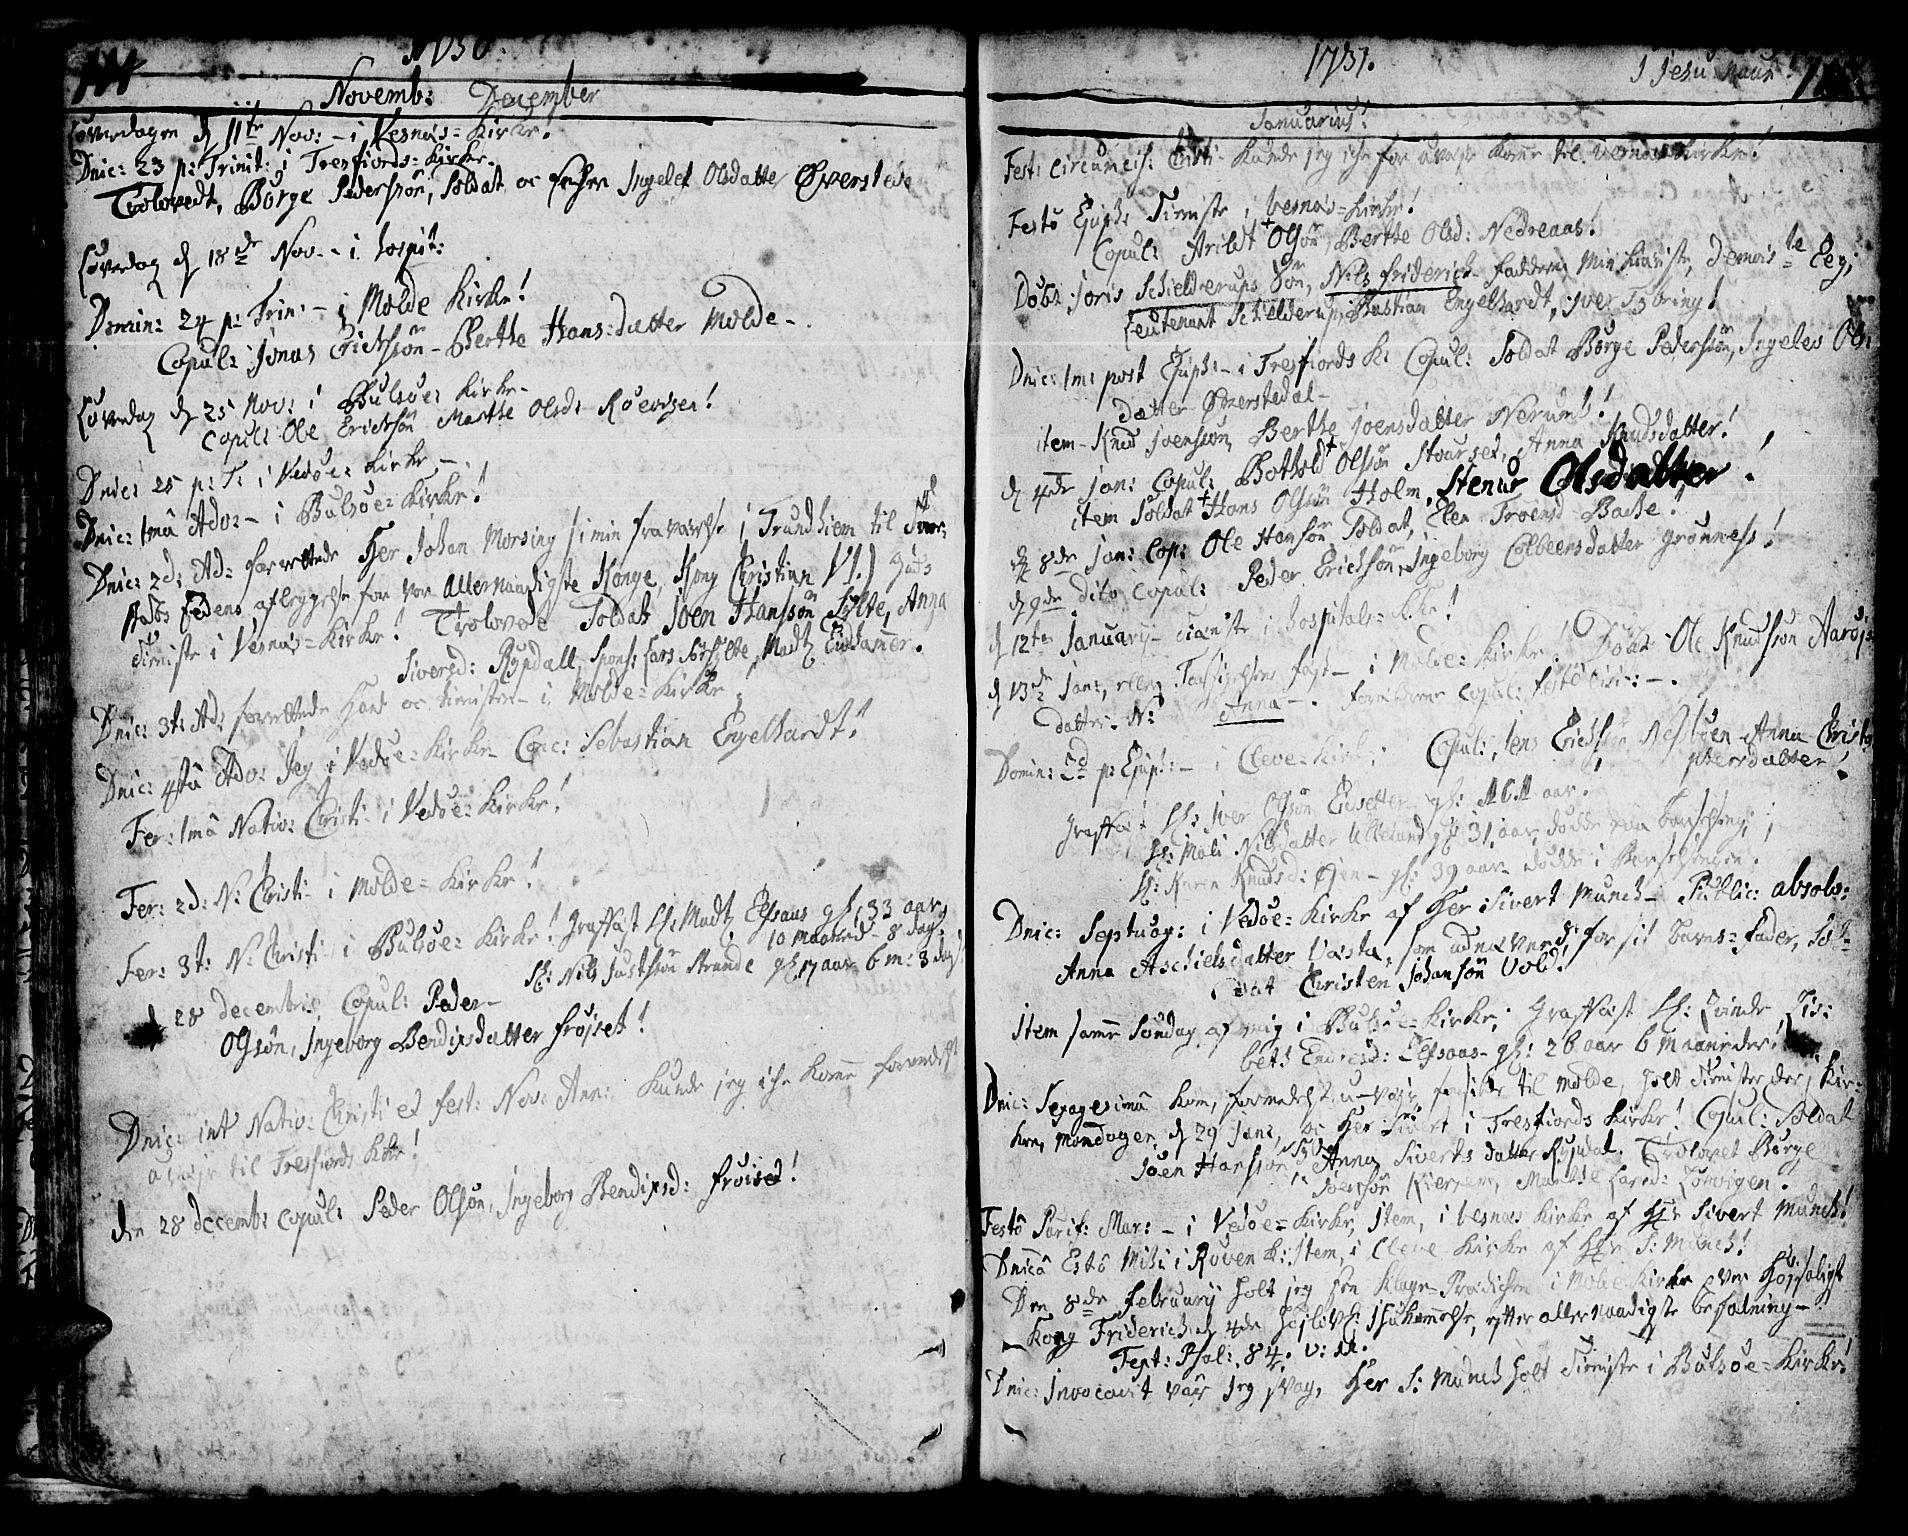 SAT, Ministerialprotokoller, klokkerbøker og fødselsregistre - Møre og Romsdal, 547/L0599: Ministerialbok nr. 547A01, 1721-1764, s. 116-117